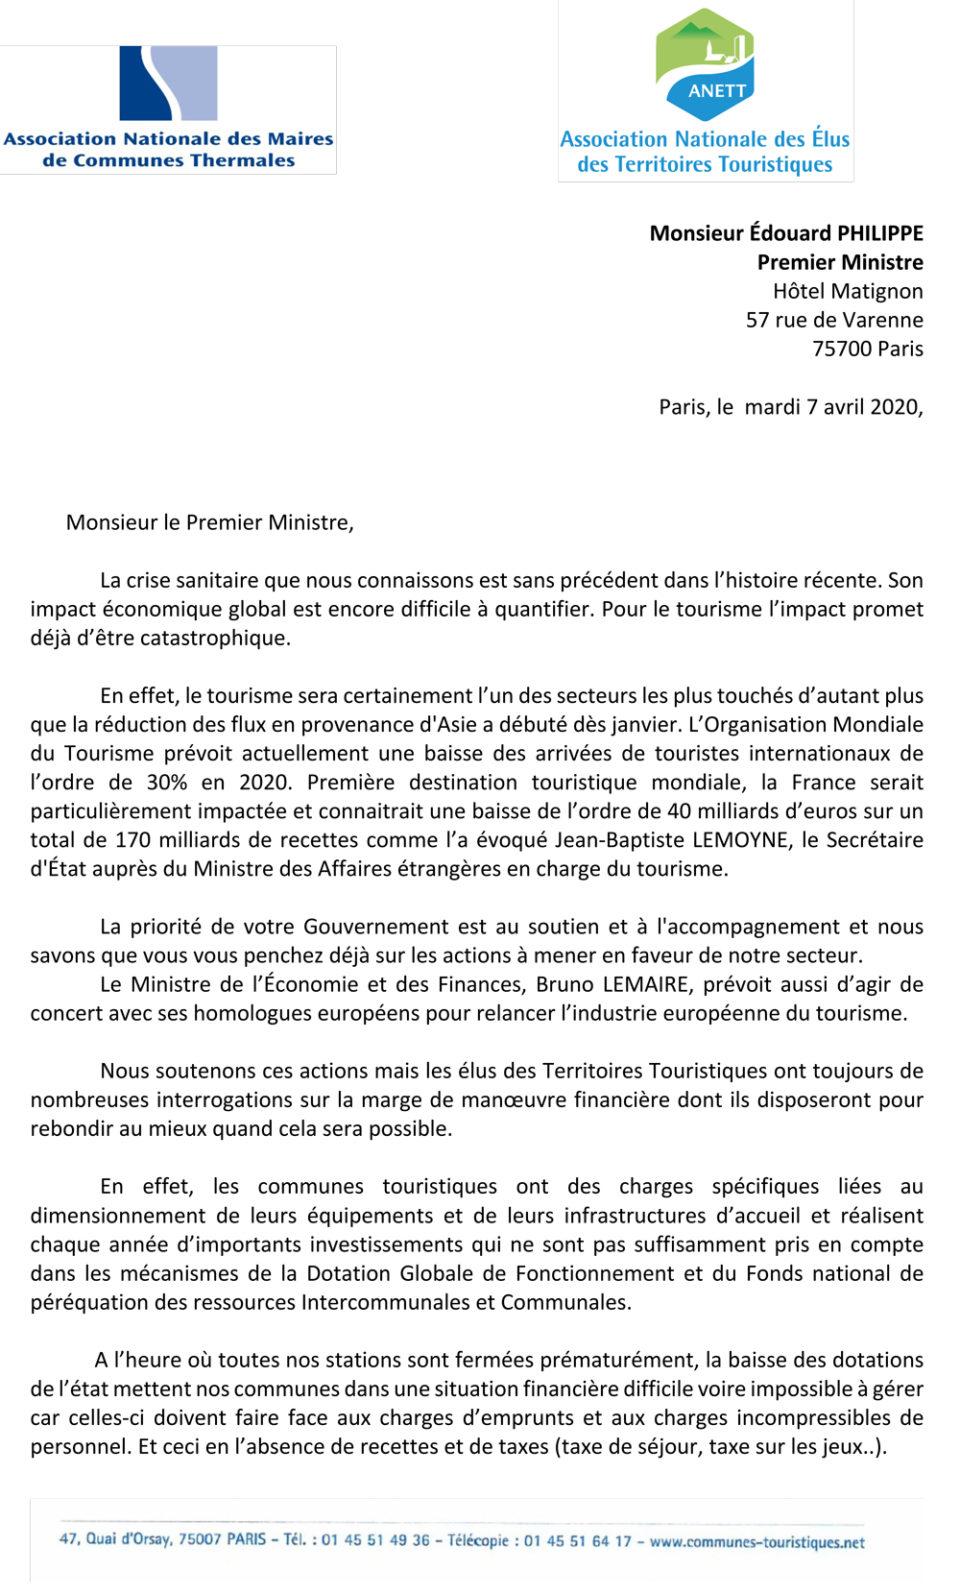 Le cri d'alarme de l'ANETT et de l'ANMCT adressé à Edouard Philippe